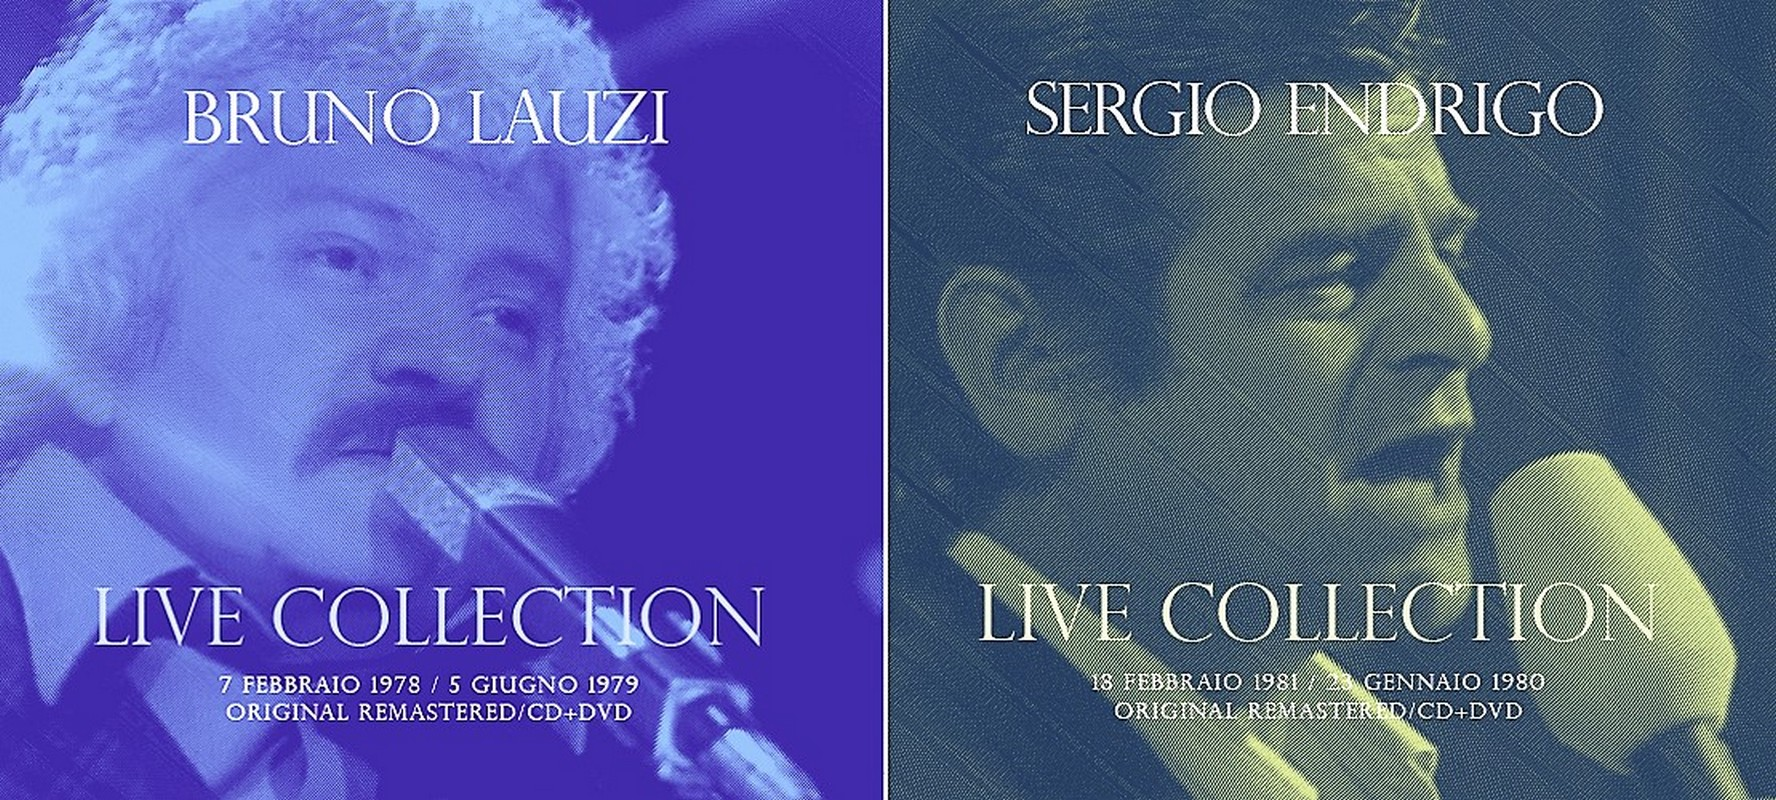 Bruno Lauzi e Sergio Endrigo Collection